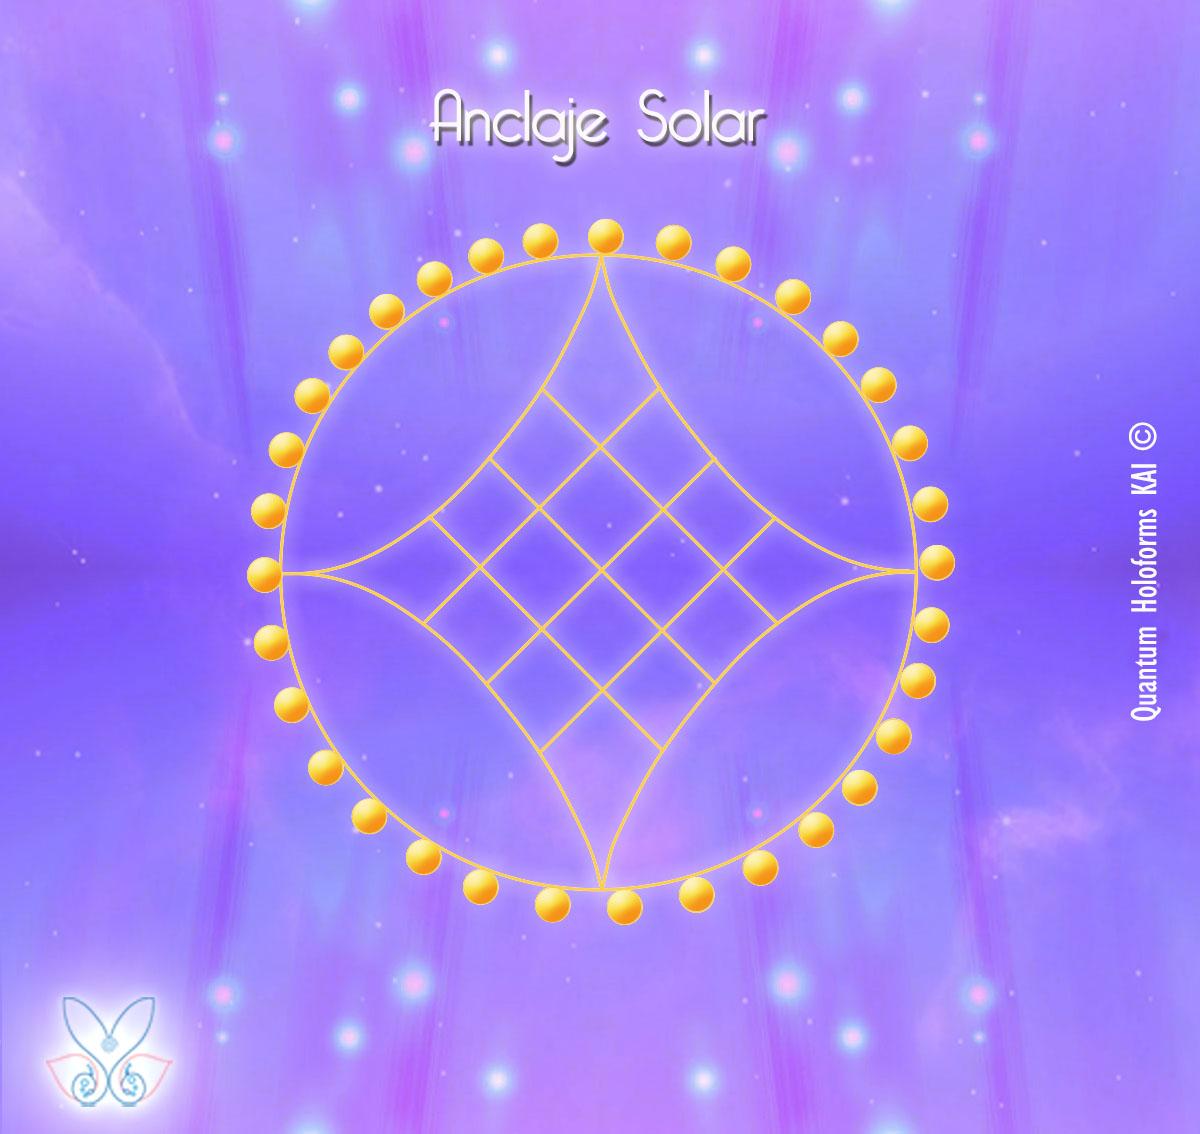 Anclaje Solar, Códigos Antares, unicornios y pegasos